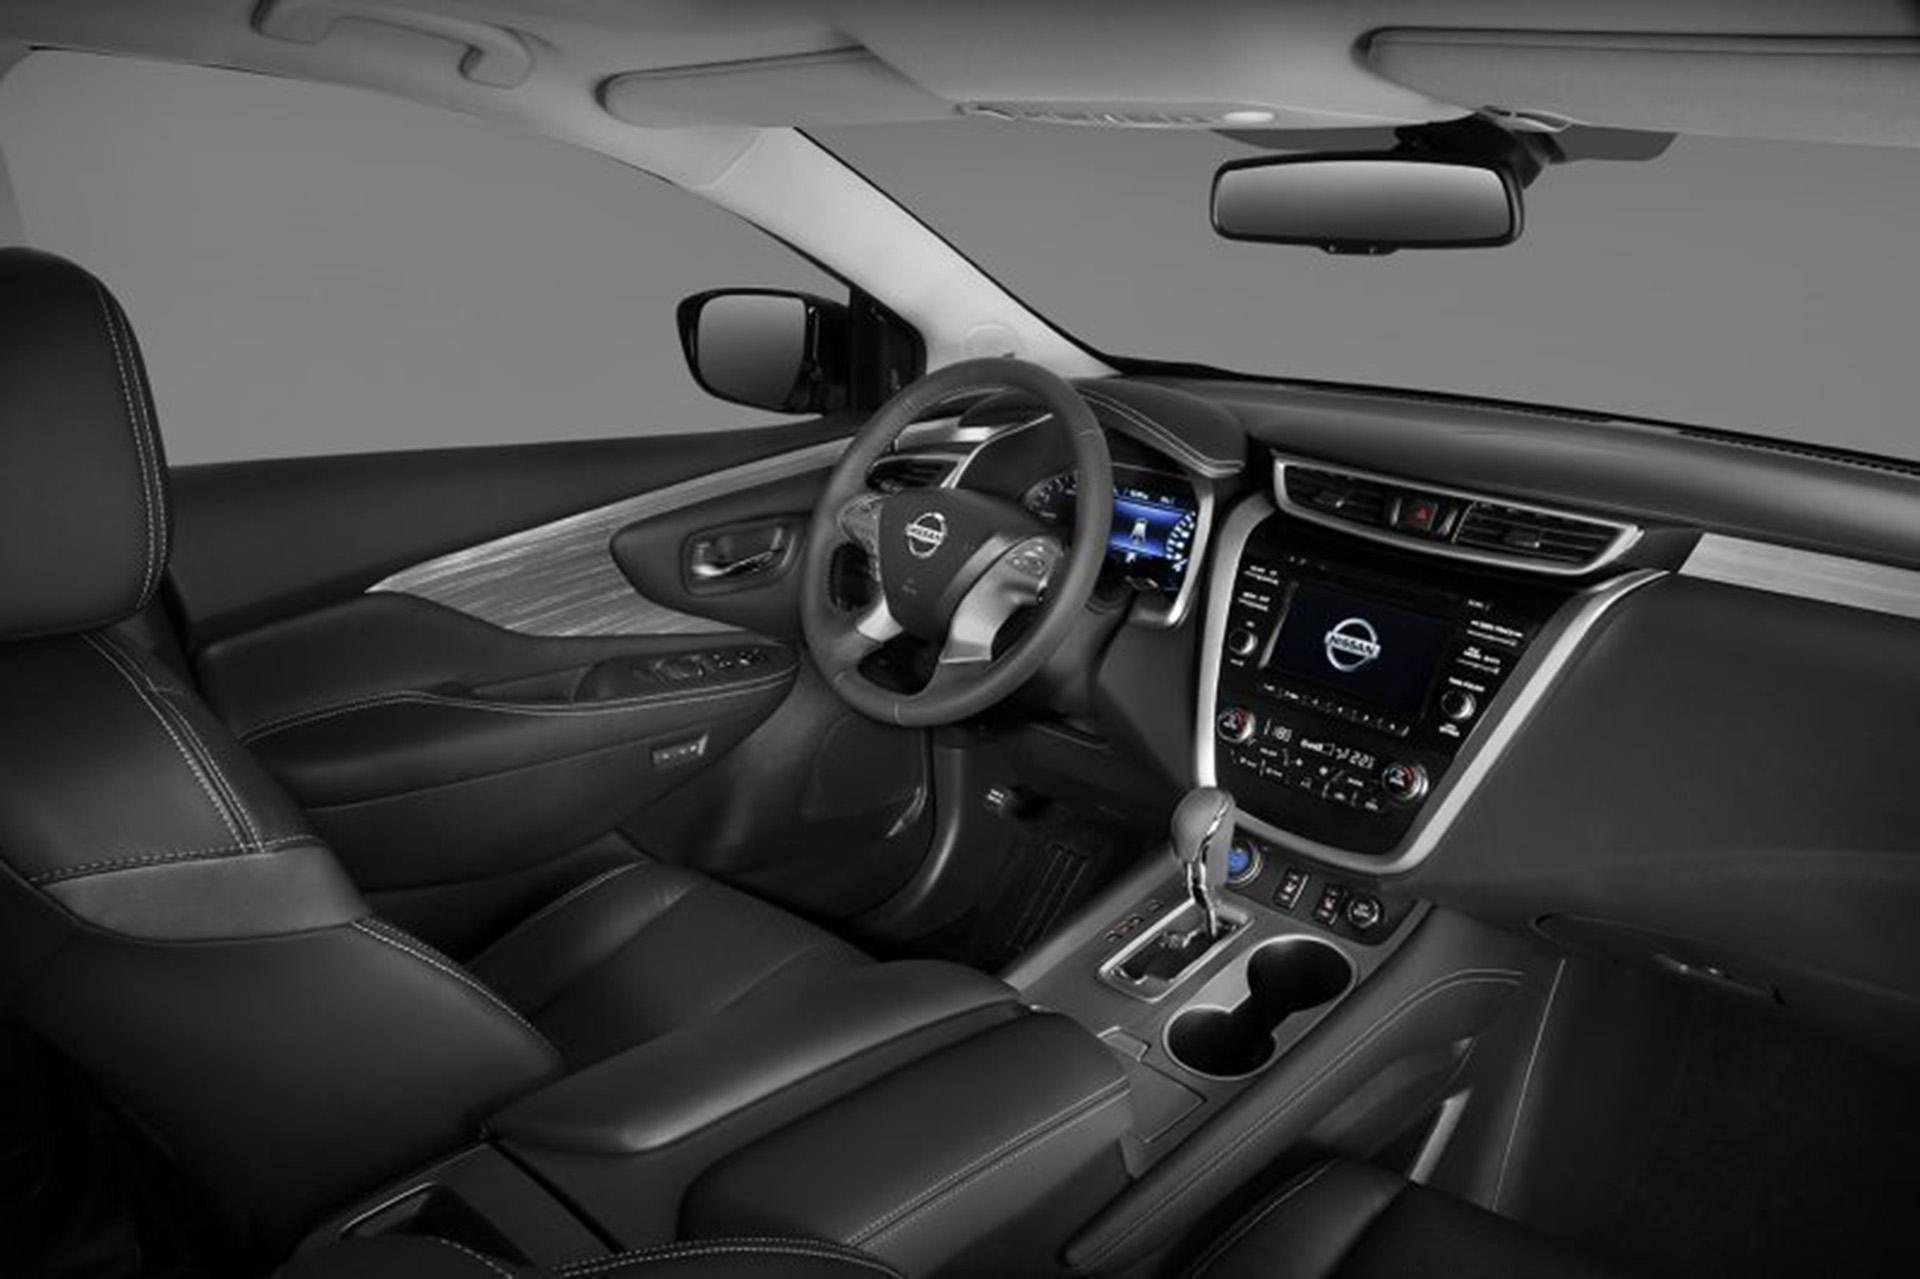 El concepto interior abierto y ultramoderno fomenta la conversación. Los pasajeros viajan en los asientos delanteros y traseros ZERO GRAVITY fuera de borda. La iluminación ambiente, materiales de primera calidad y un acceso rápido a la tecnología de avanzada ayudan a generar el ambiente vibrante y refrescante